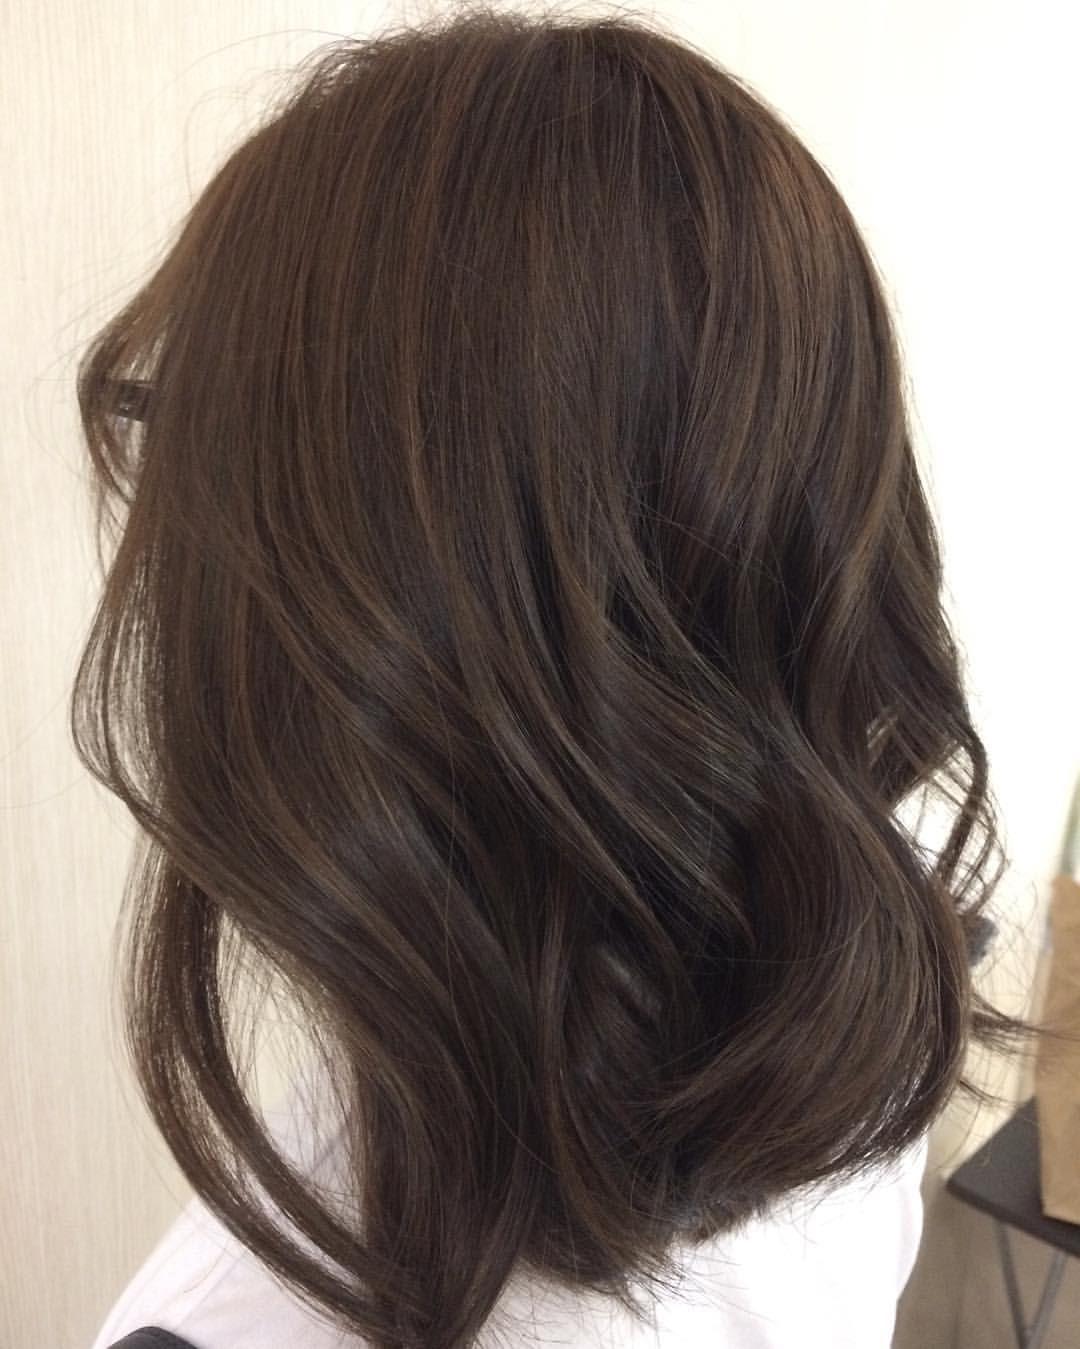 толстого холодный темно коричневый цвет волос фото девушки кажутся